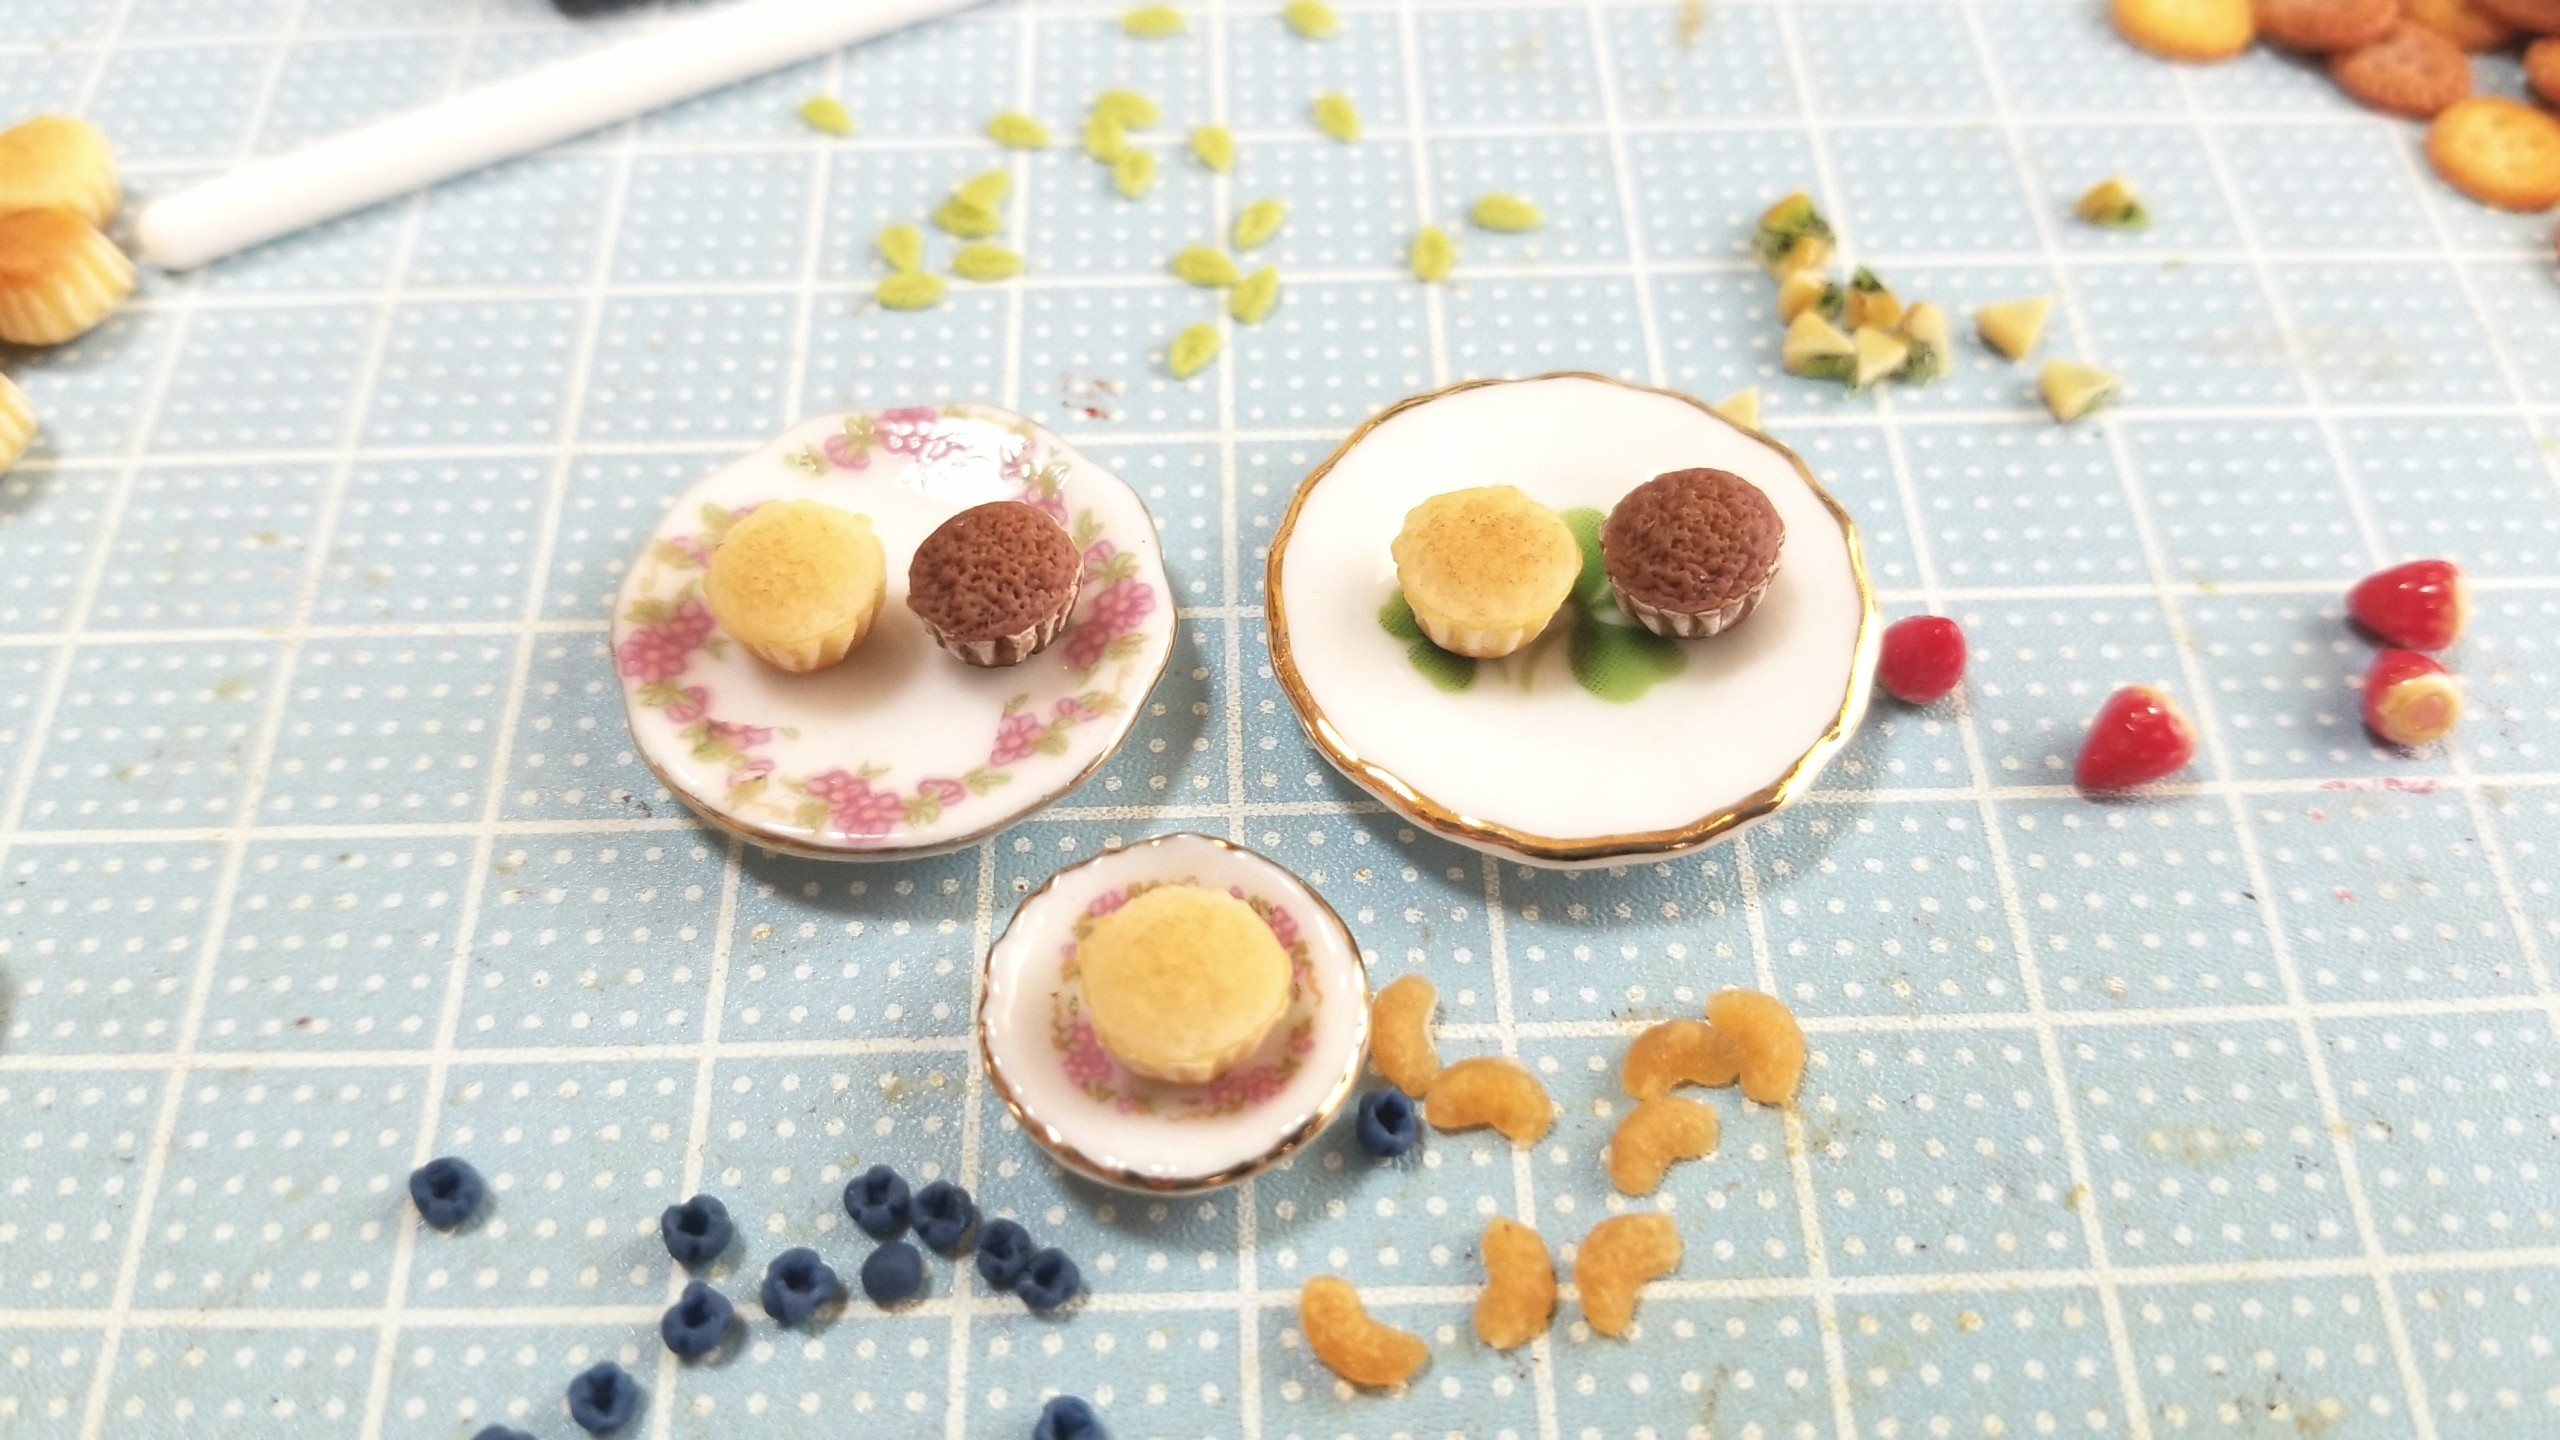 カップケーキ,ミニチュアフード,ドールハウス,食品サンプル,樹脂粘土